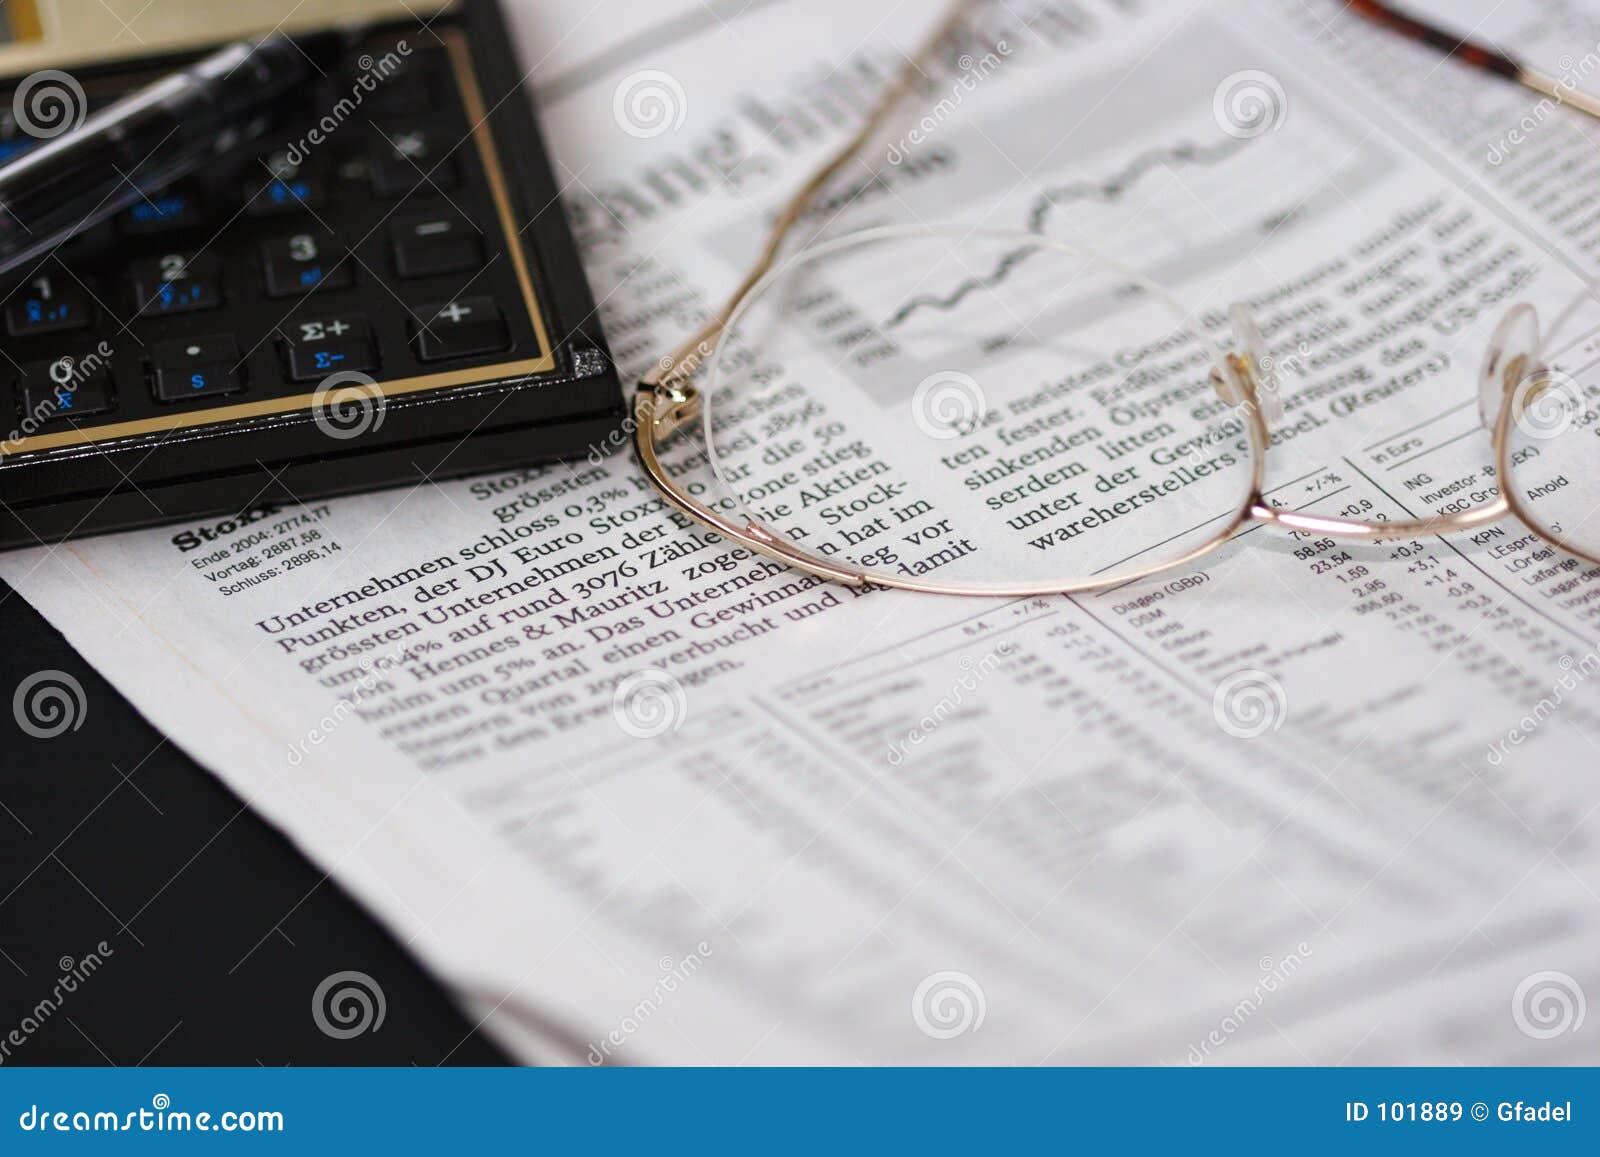 Stock Market I